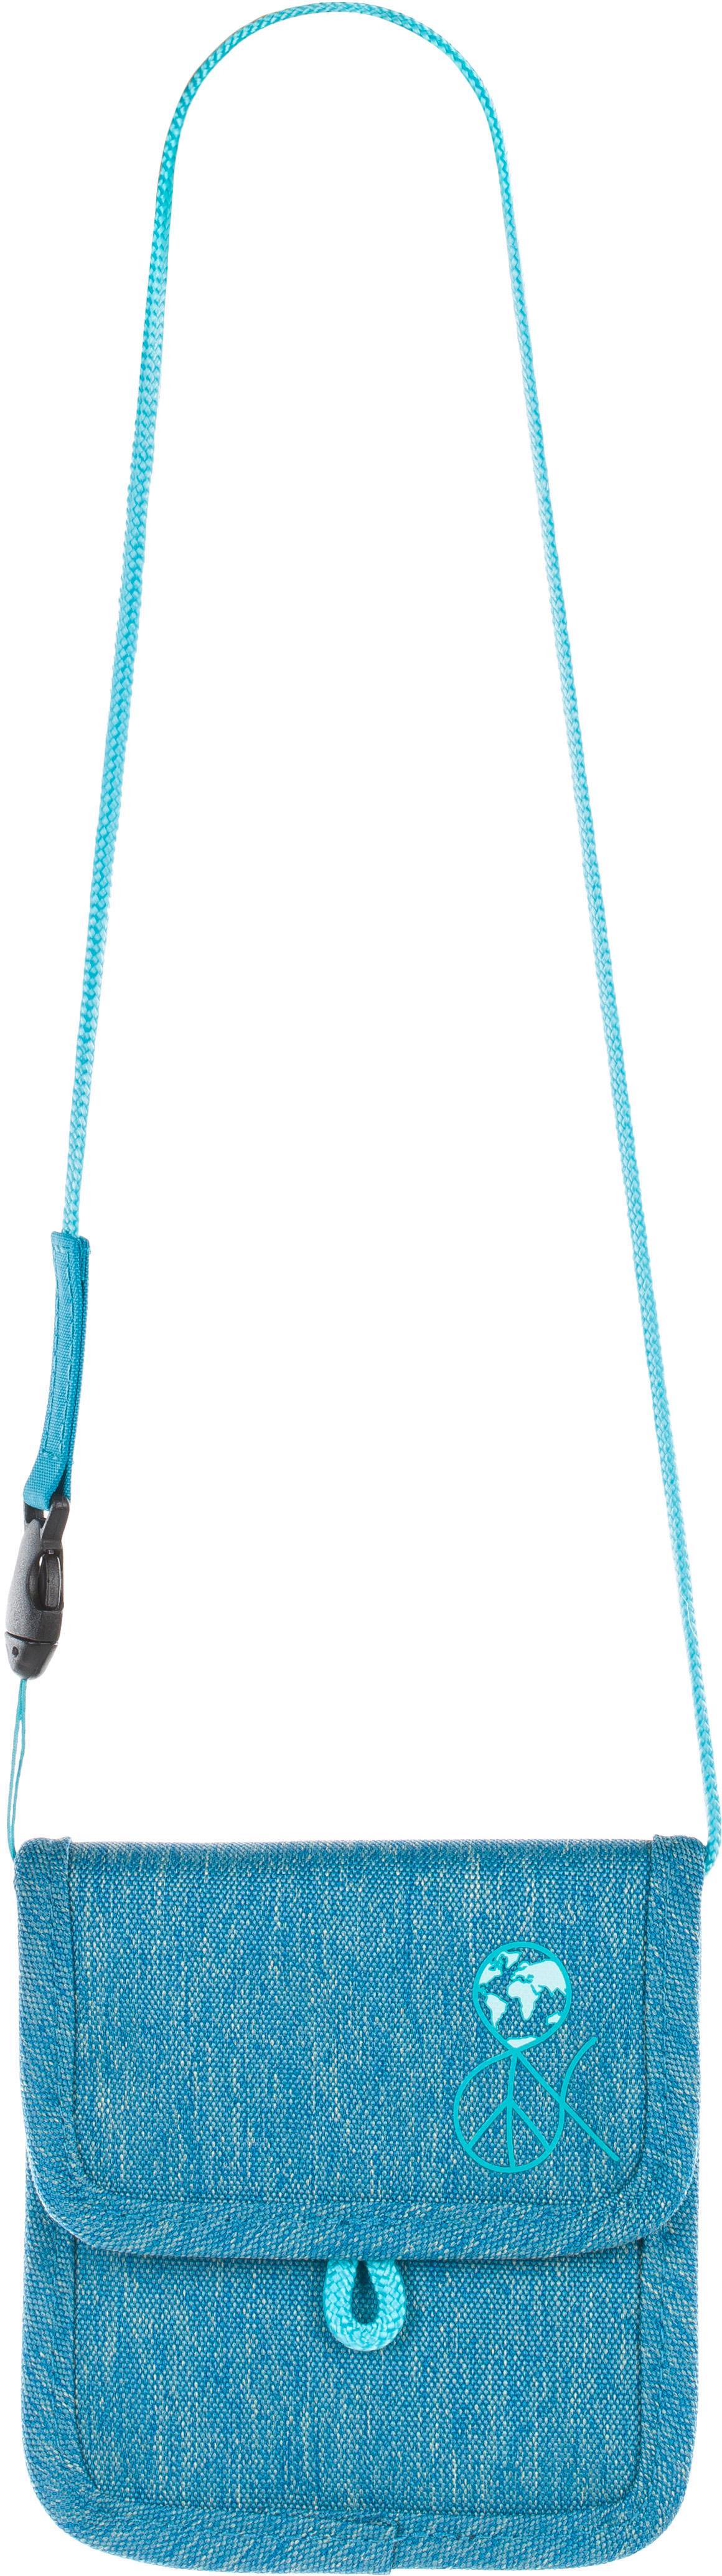 Lässig Brustbeutel, »4Kids Mini Neck Pouch, About Friends Mélange Blue« | Accessoires > Portemonnaies > Brustbeutel | Blau | LÄSSIG